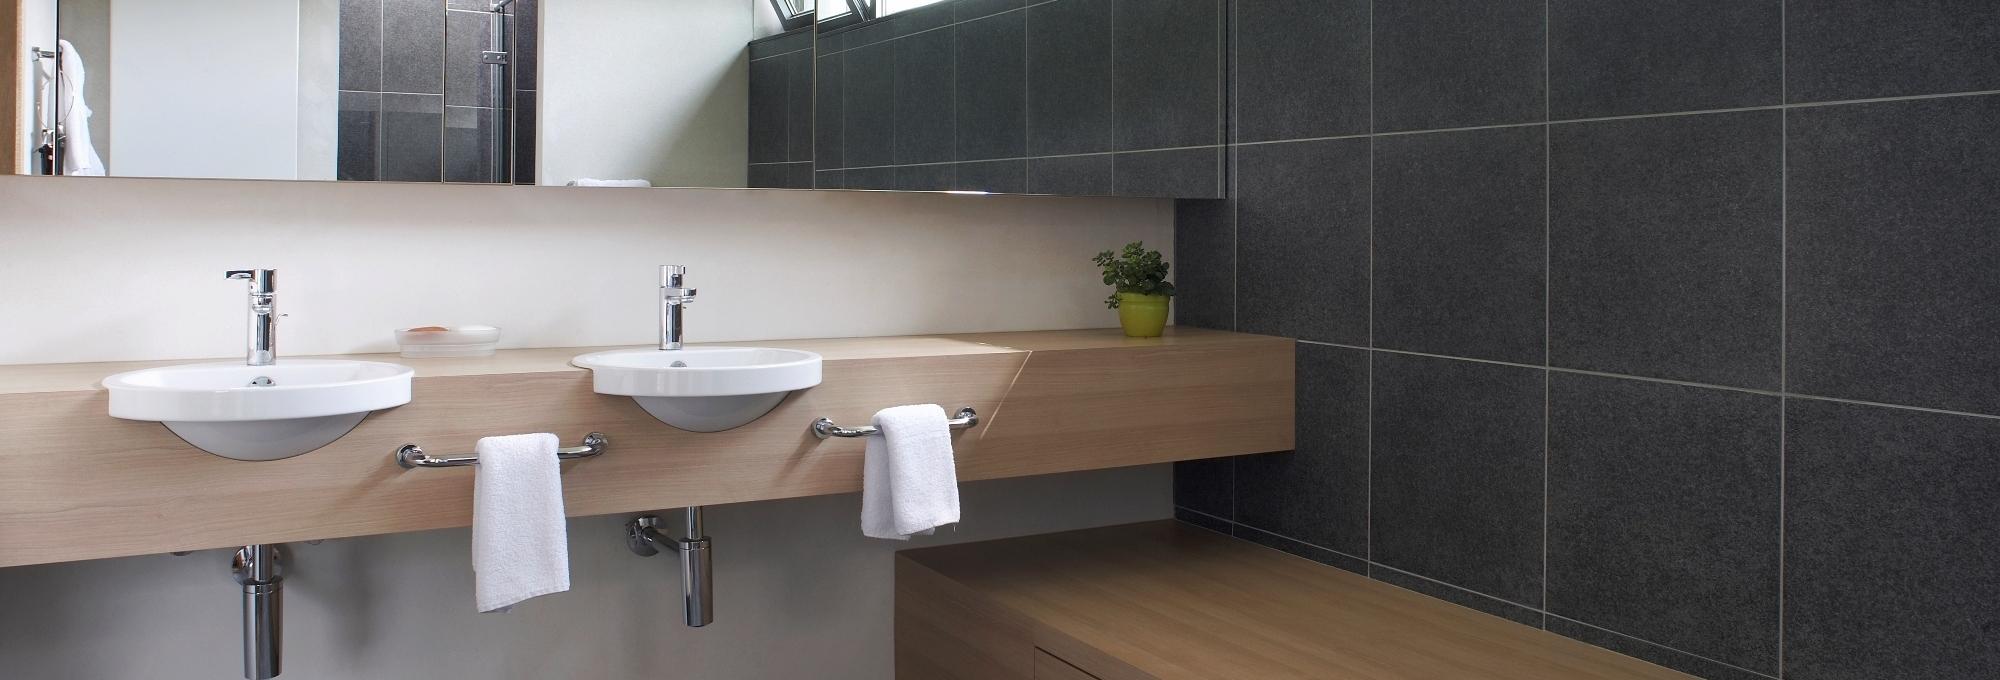 Badkamer - Badkamermeubel & kasten op maat in Schoten   Elst Keukens